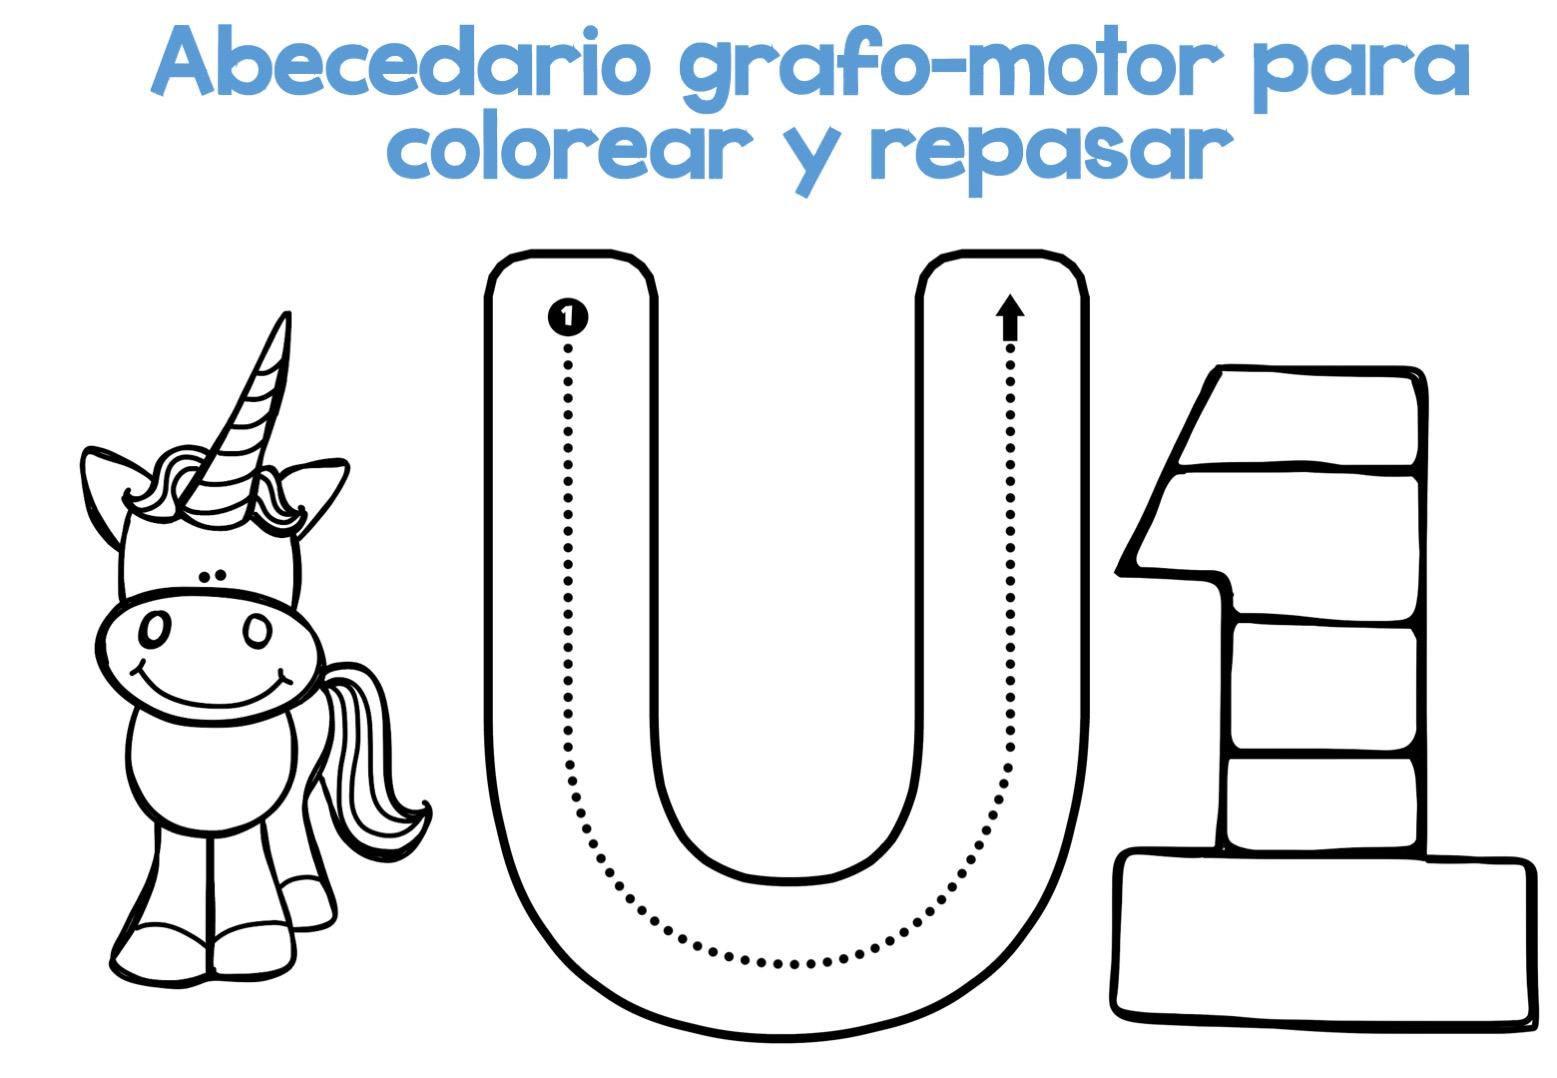 Completo Abecedario grafo-motor para colorear y repasar22 ...